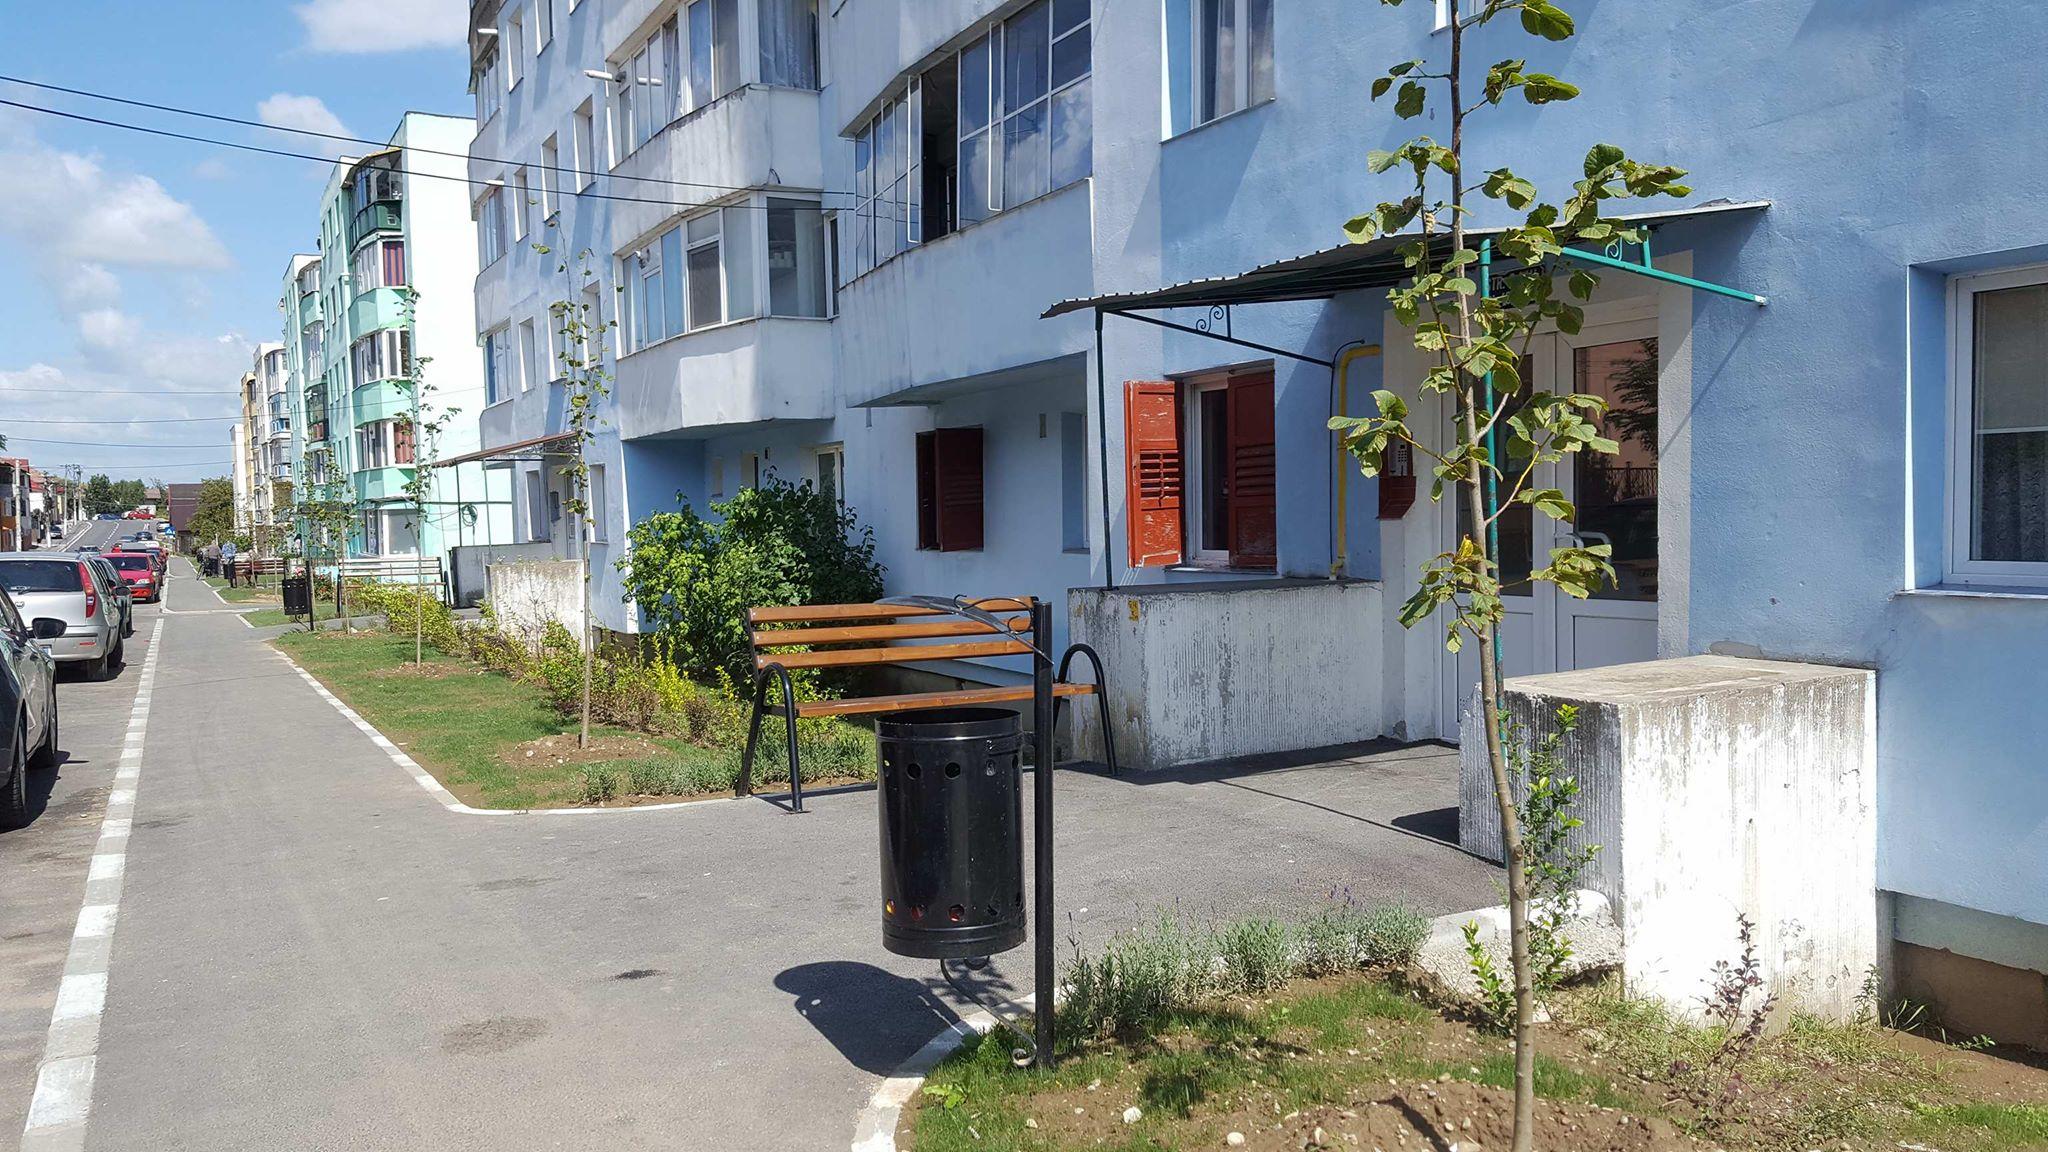 9mai-peisagistica-mobilier-urban (2)